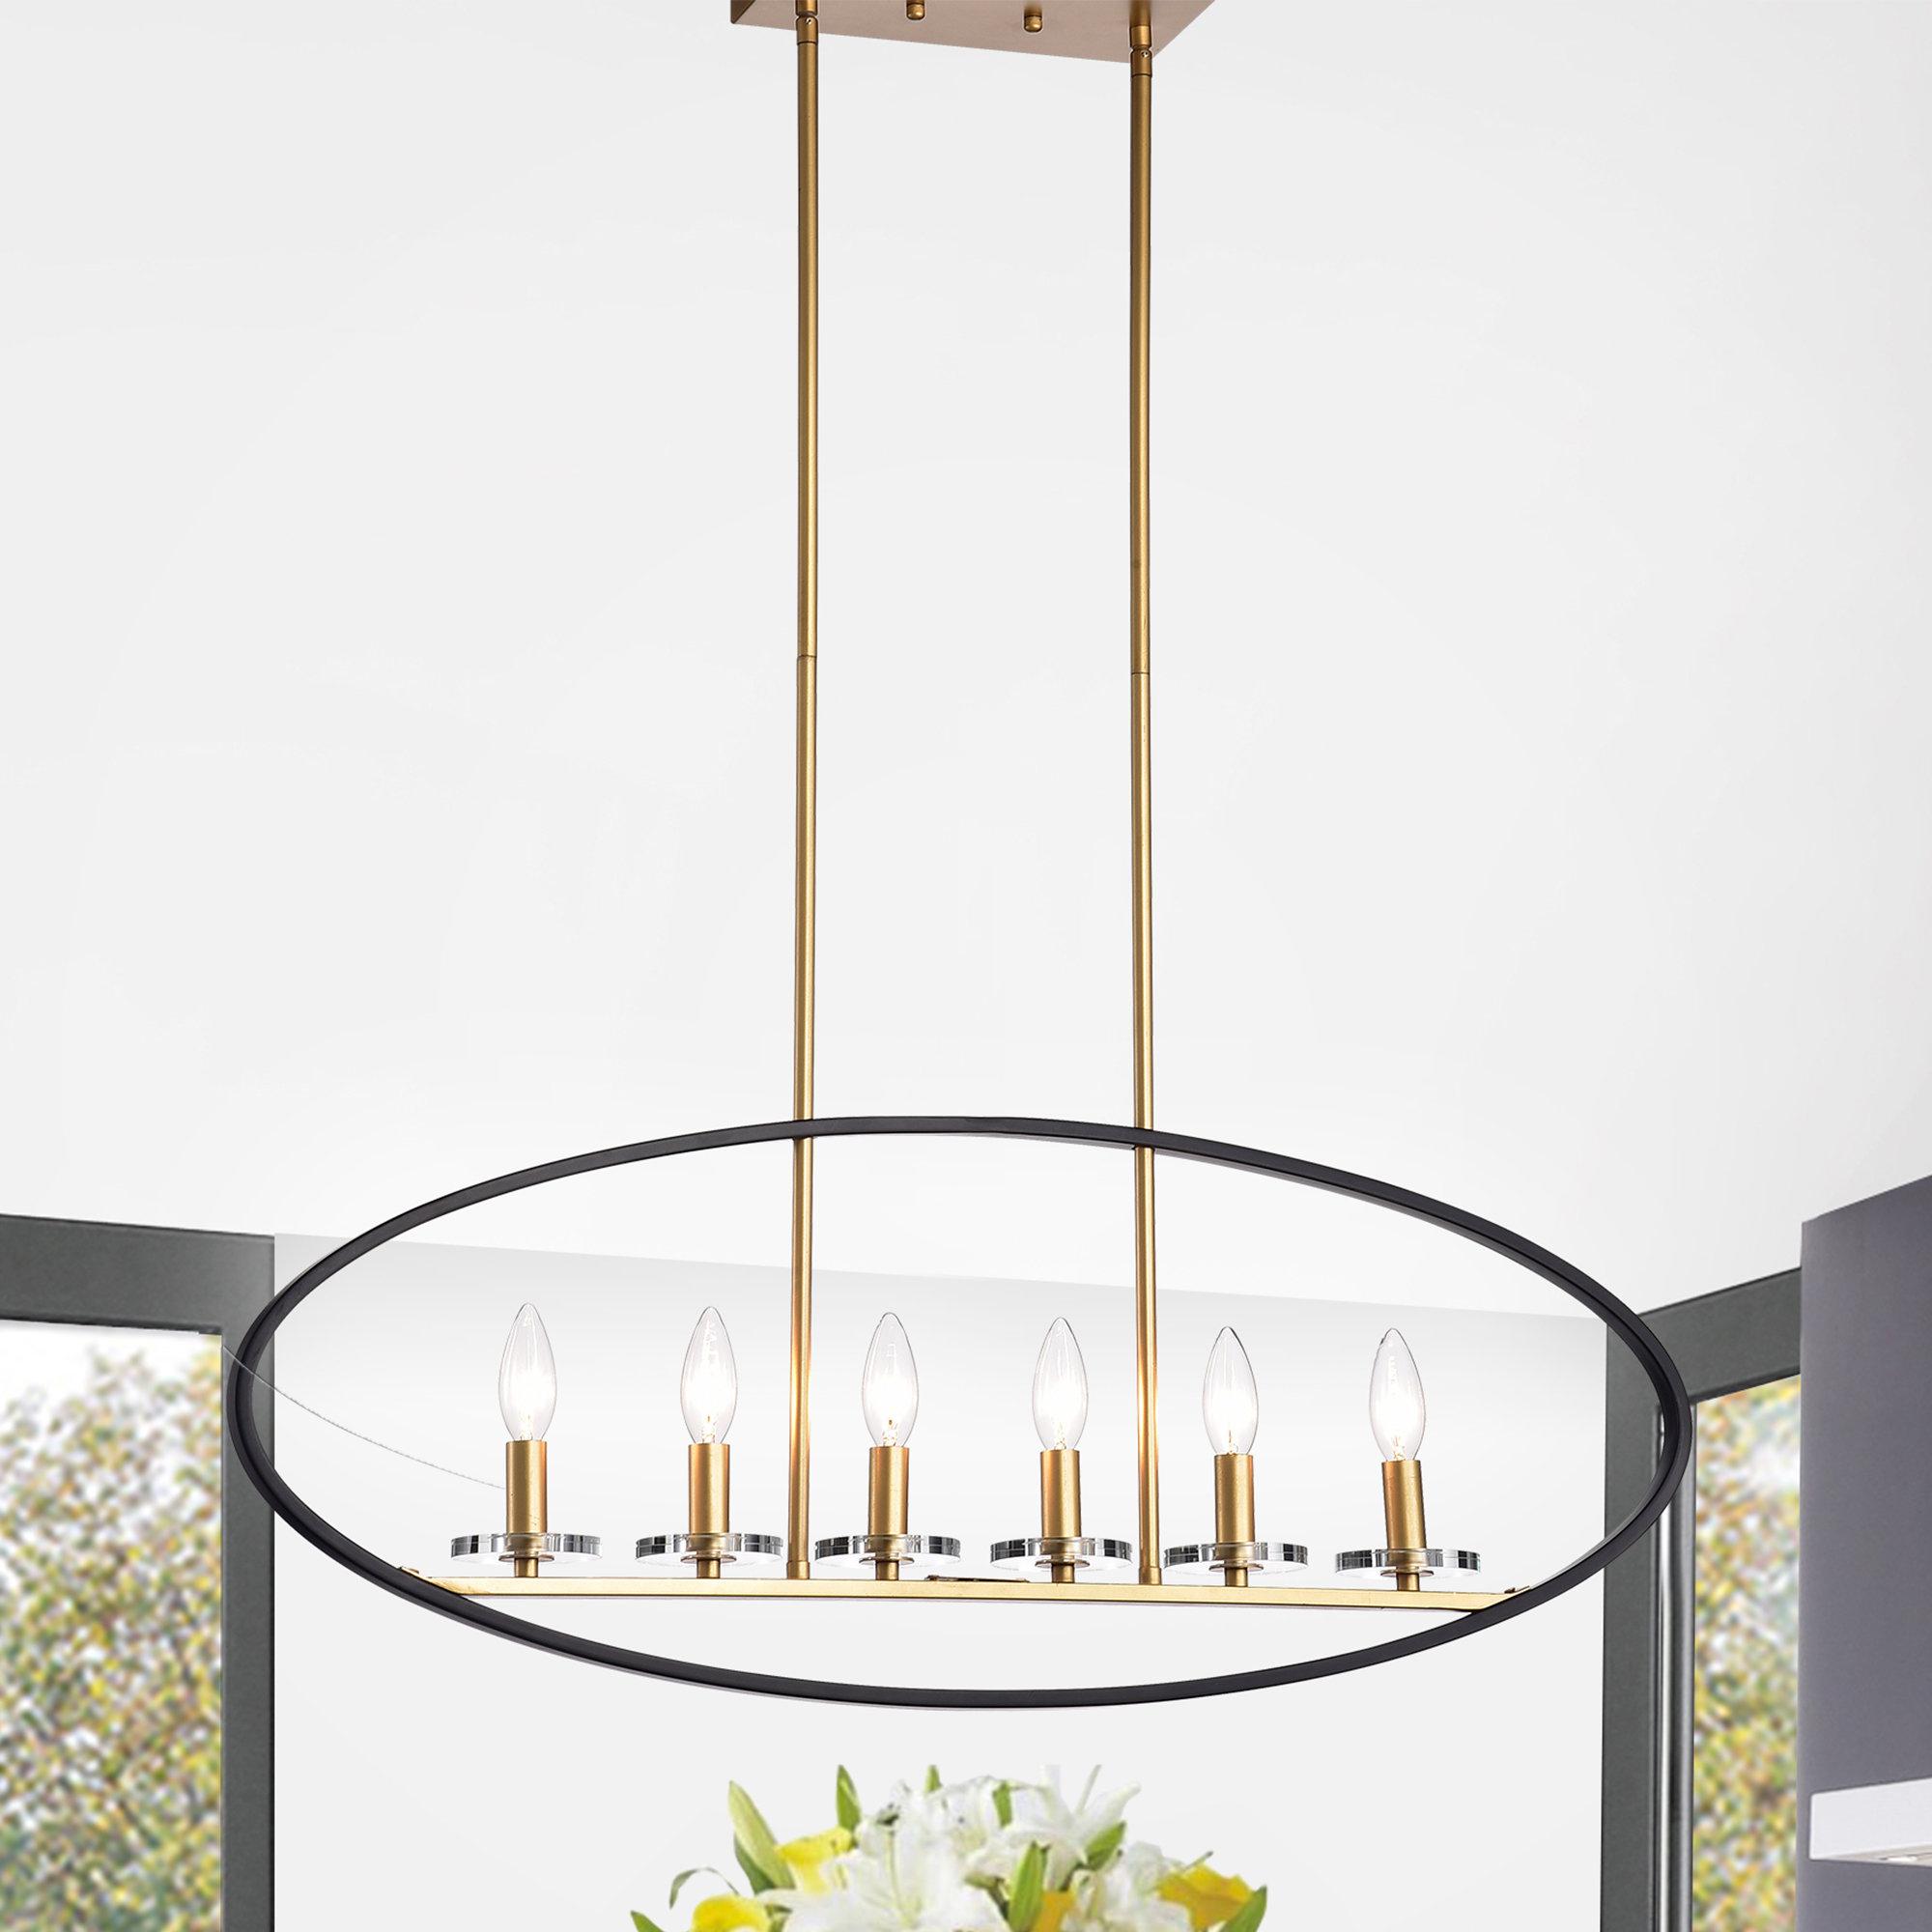 Bautista 6-Light Kitchen Island Bulb Pendants with Favorite Brillion 6-Light Kitchen Island Linear Pendant